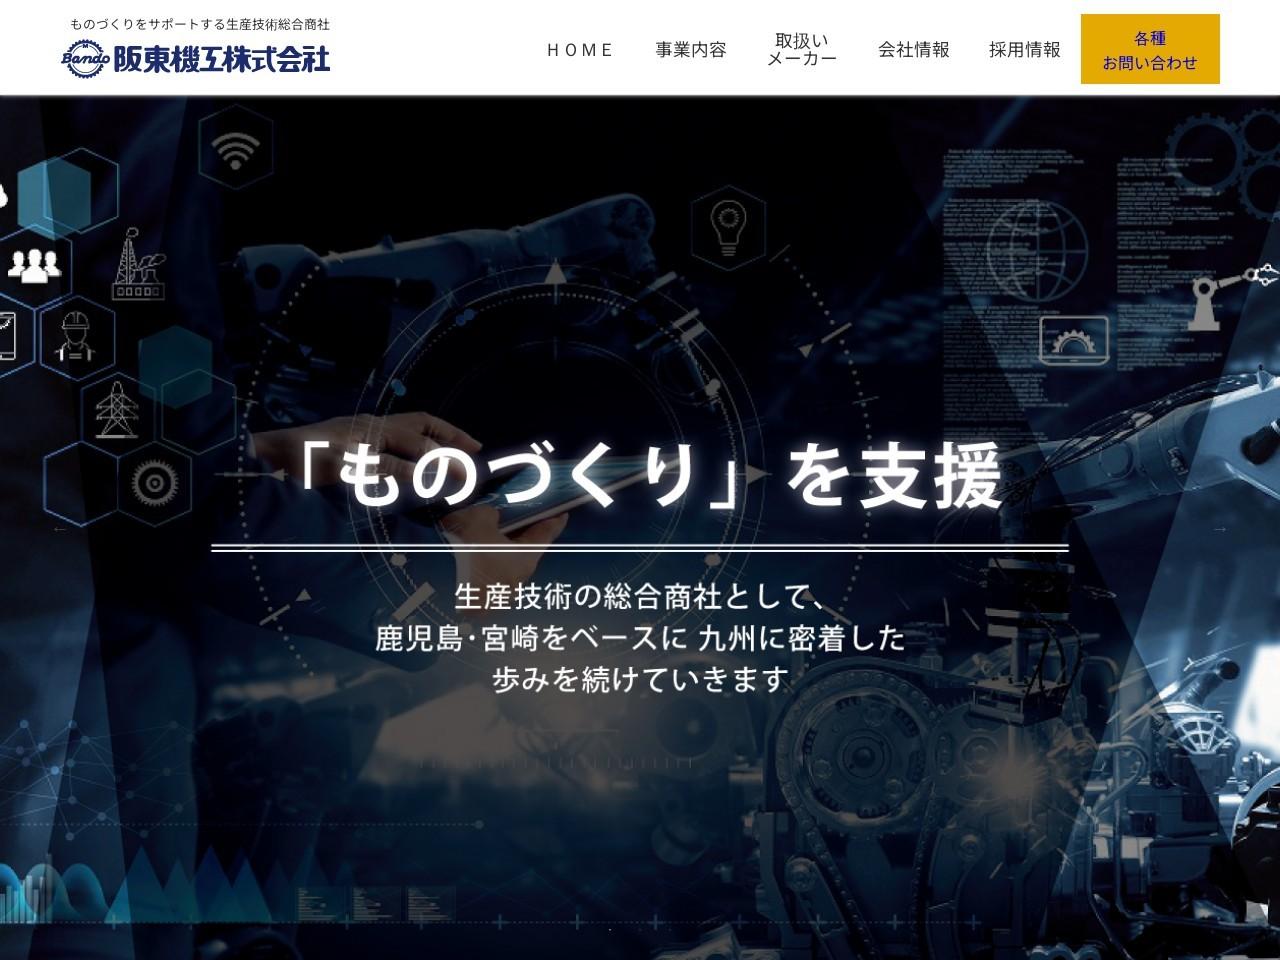 阪東機工株式会社